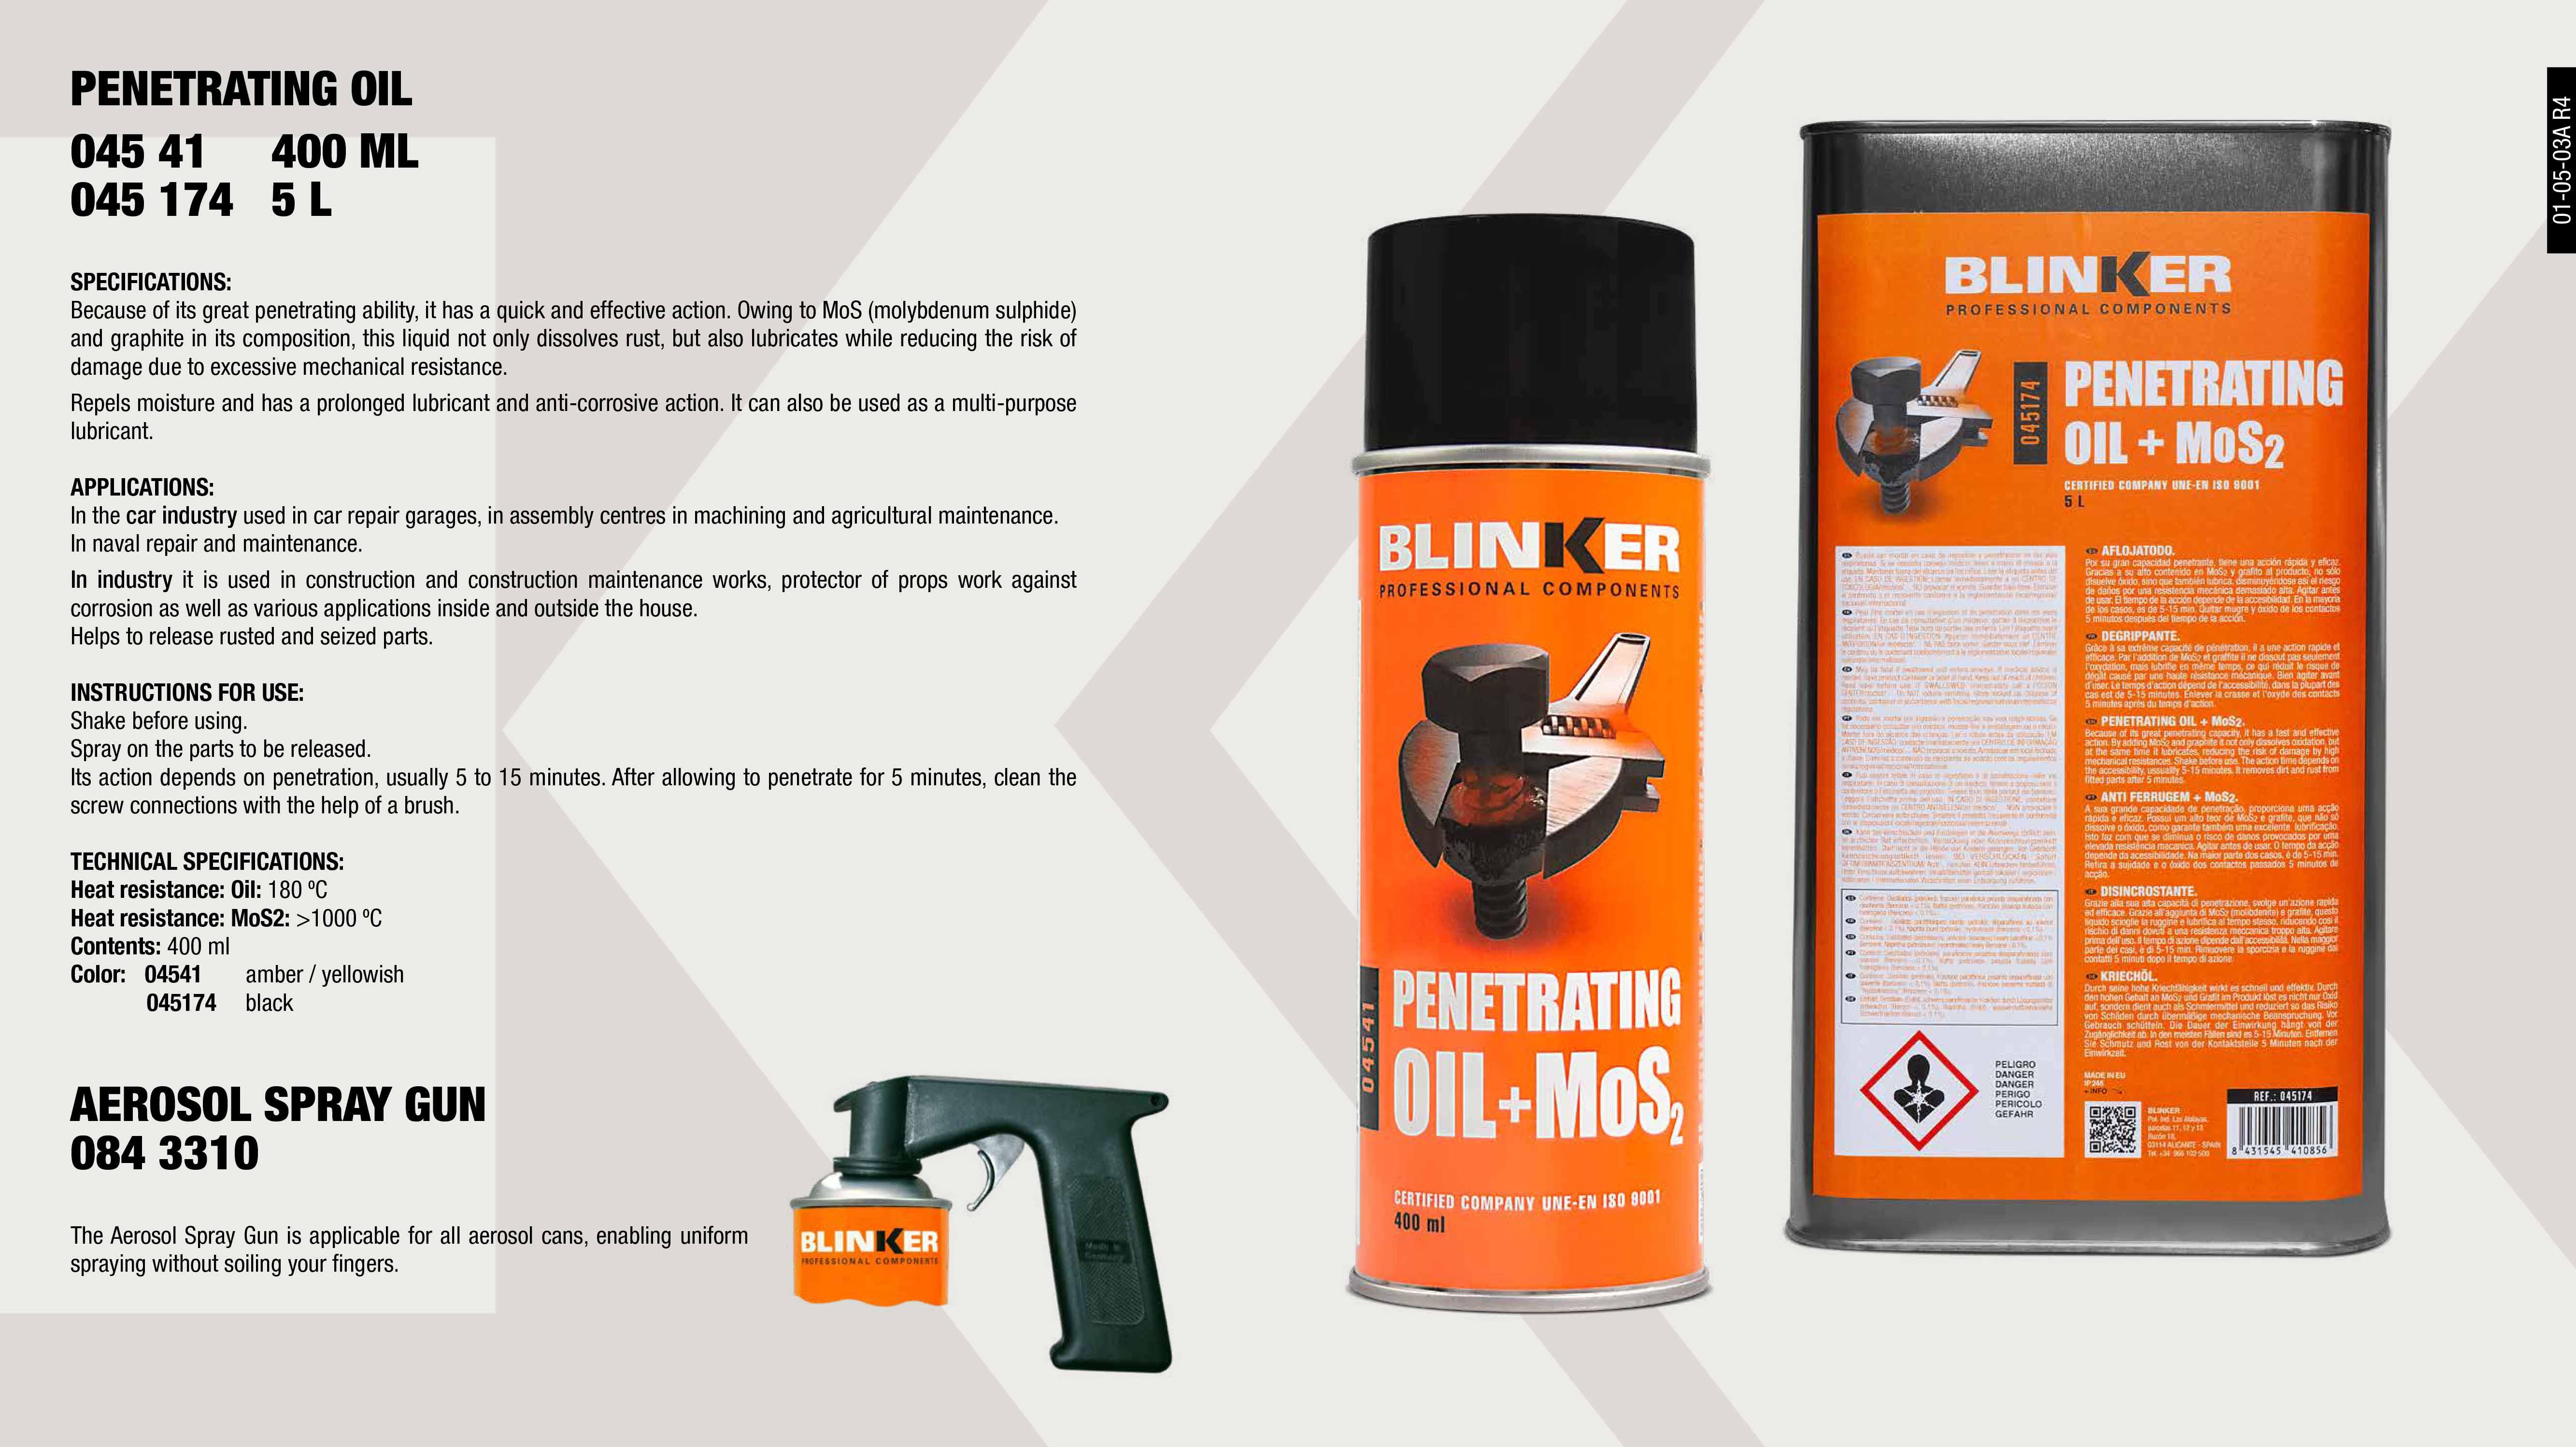 PENETRATING OIL BK 5L                                       ,  PENETRATING OIL BLINKER 400ML                               ,  SPRAY AEROSOL GUN                                           ,